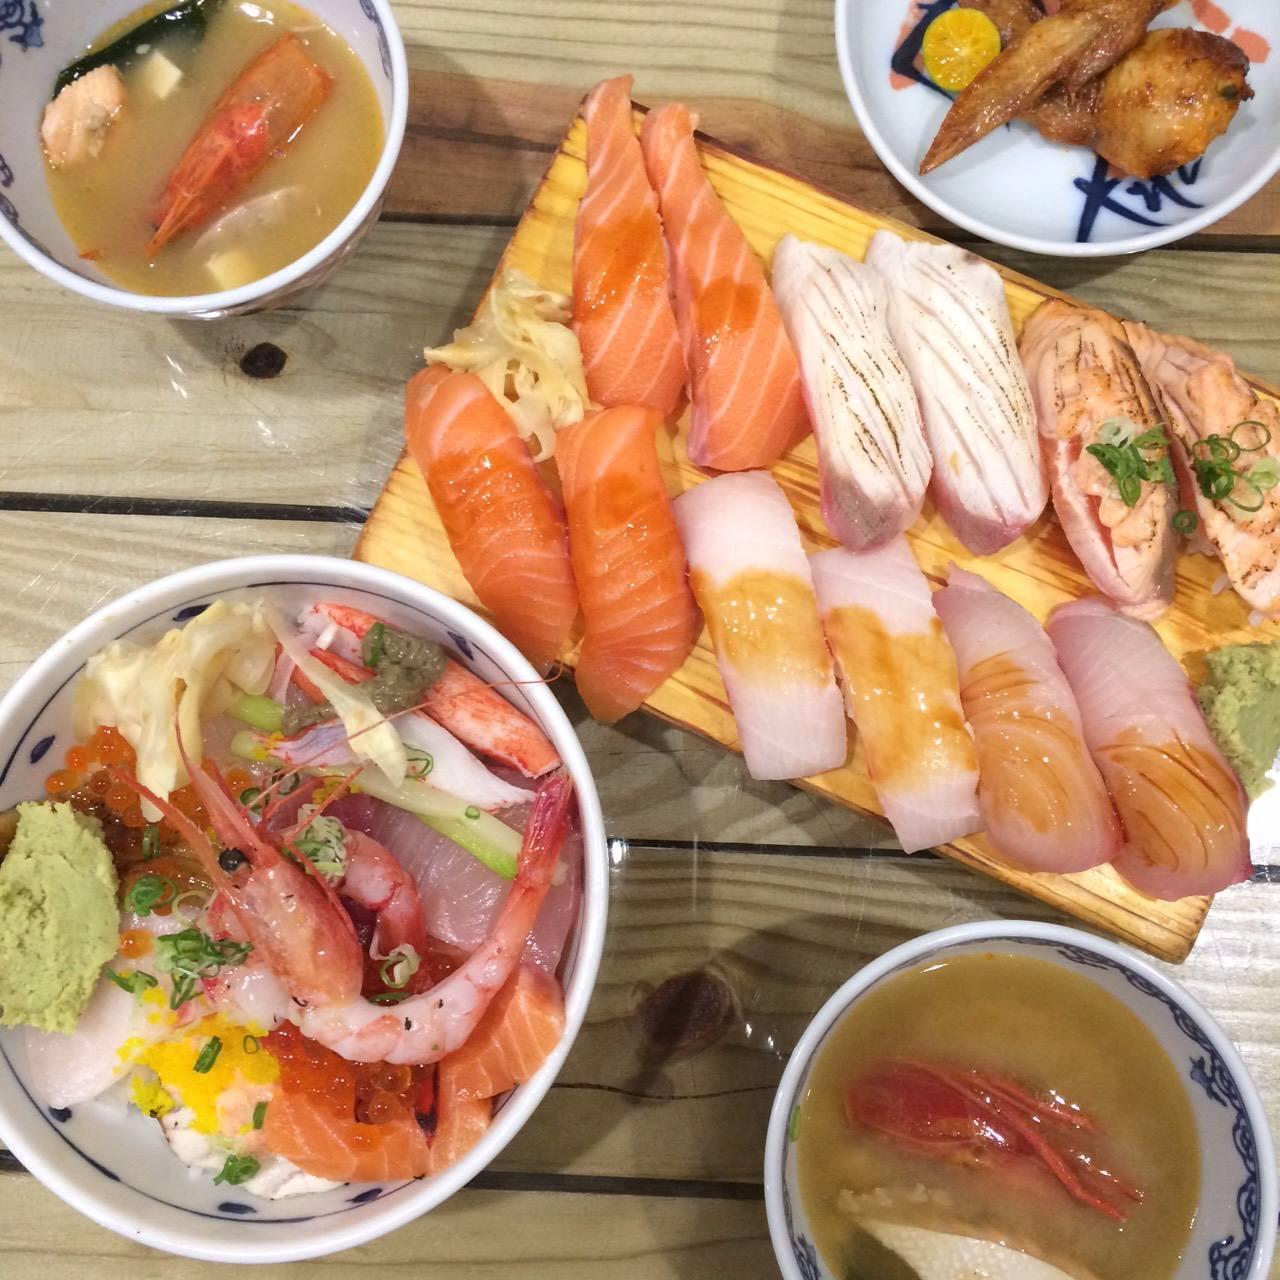 除了丼飯之外,手握壽司更是一絕,尤其是鮭魚~真的是吃一口就在嘴裡融化啦~~